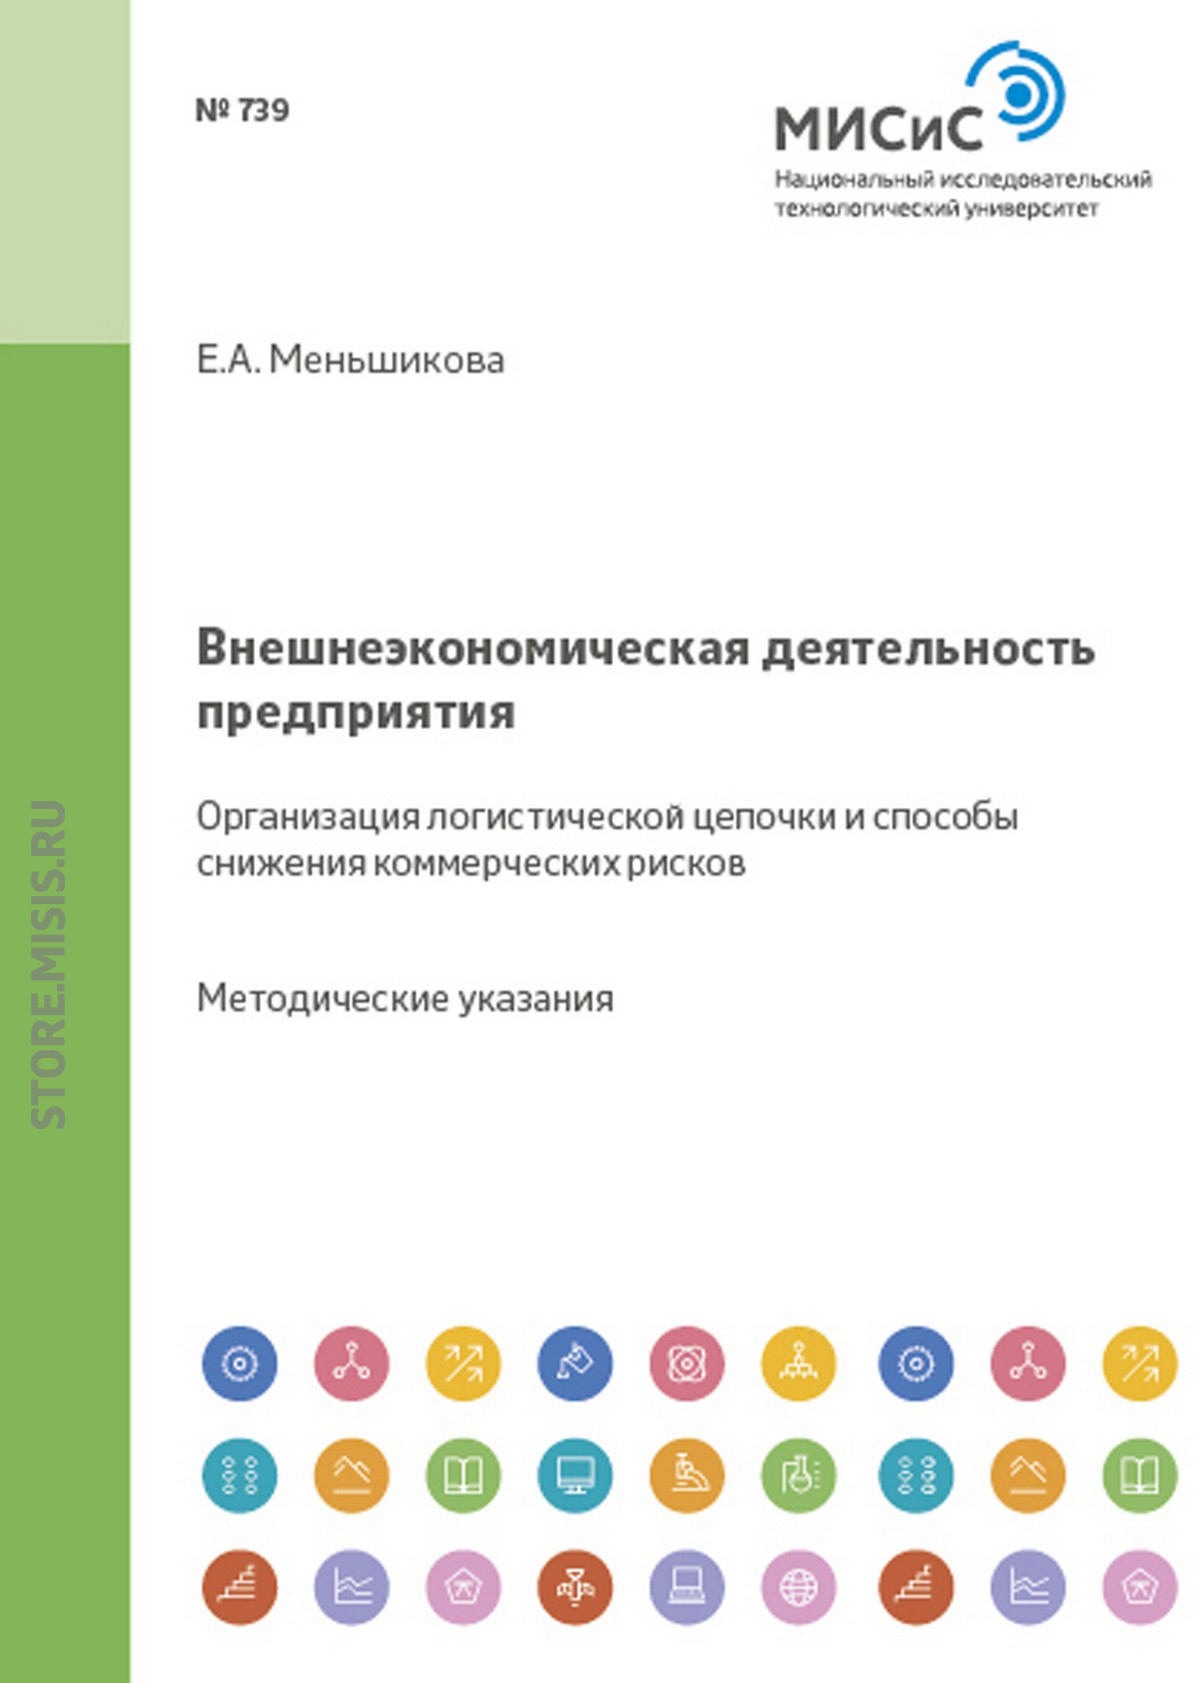 Екатерина Меньшикова Внешнеэкономическая деятельность предприятия. Организация логистической цепочки и способы снижения коммерческих рисков